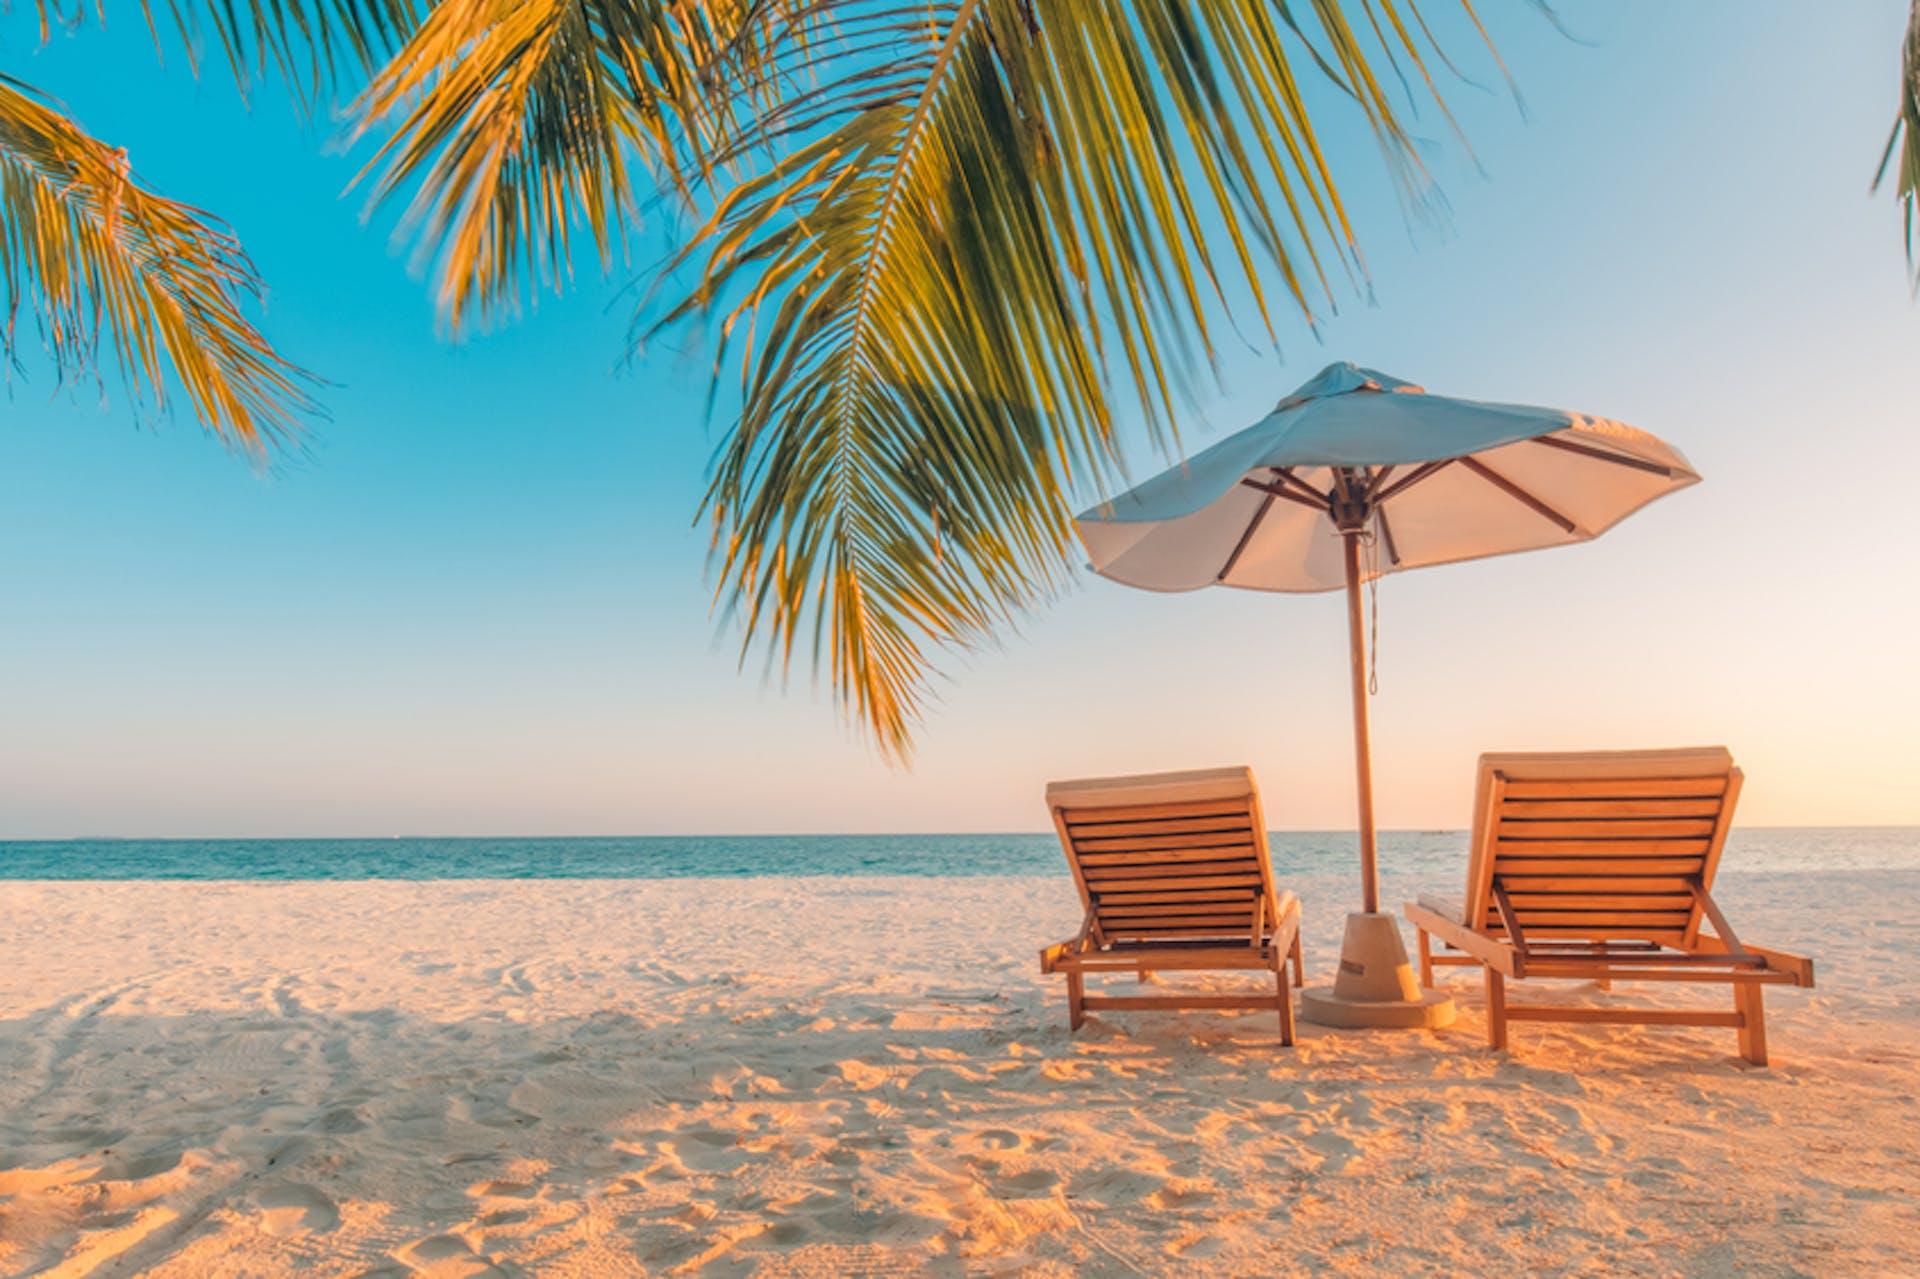 zwei Liegestühle am Strand mit Palmen